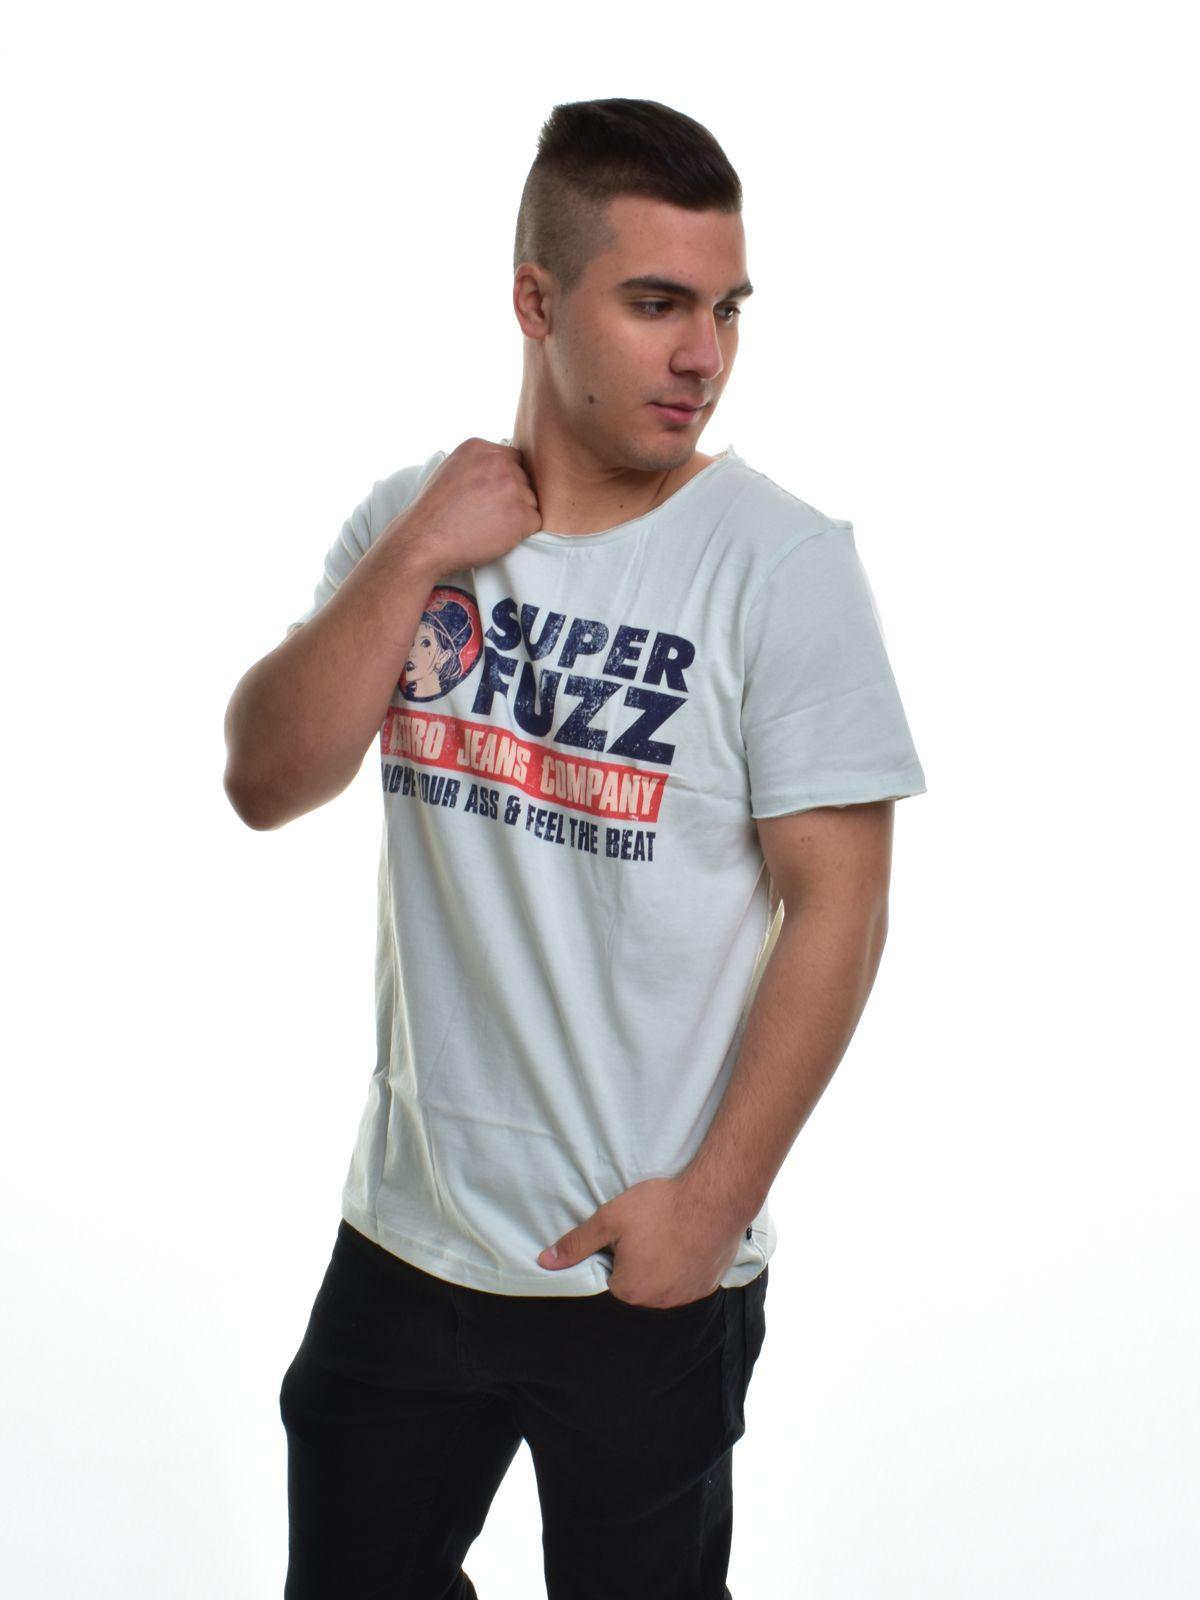 00969e9ed6 Retro Jeans férfi póló FUZZY T-SHIRT   Markasbolt.hu Hivatalos RETRO ...